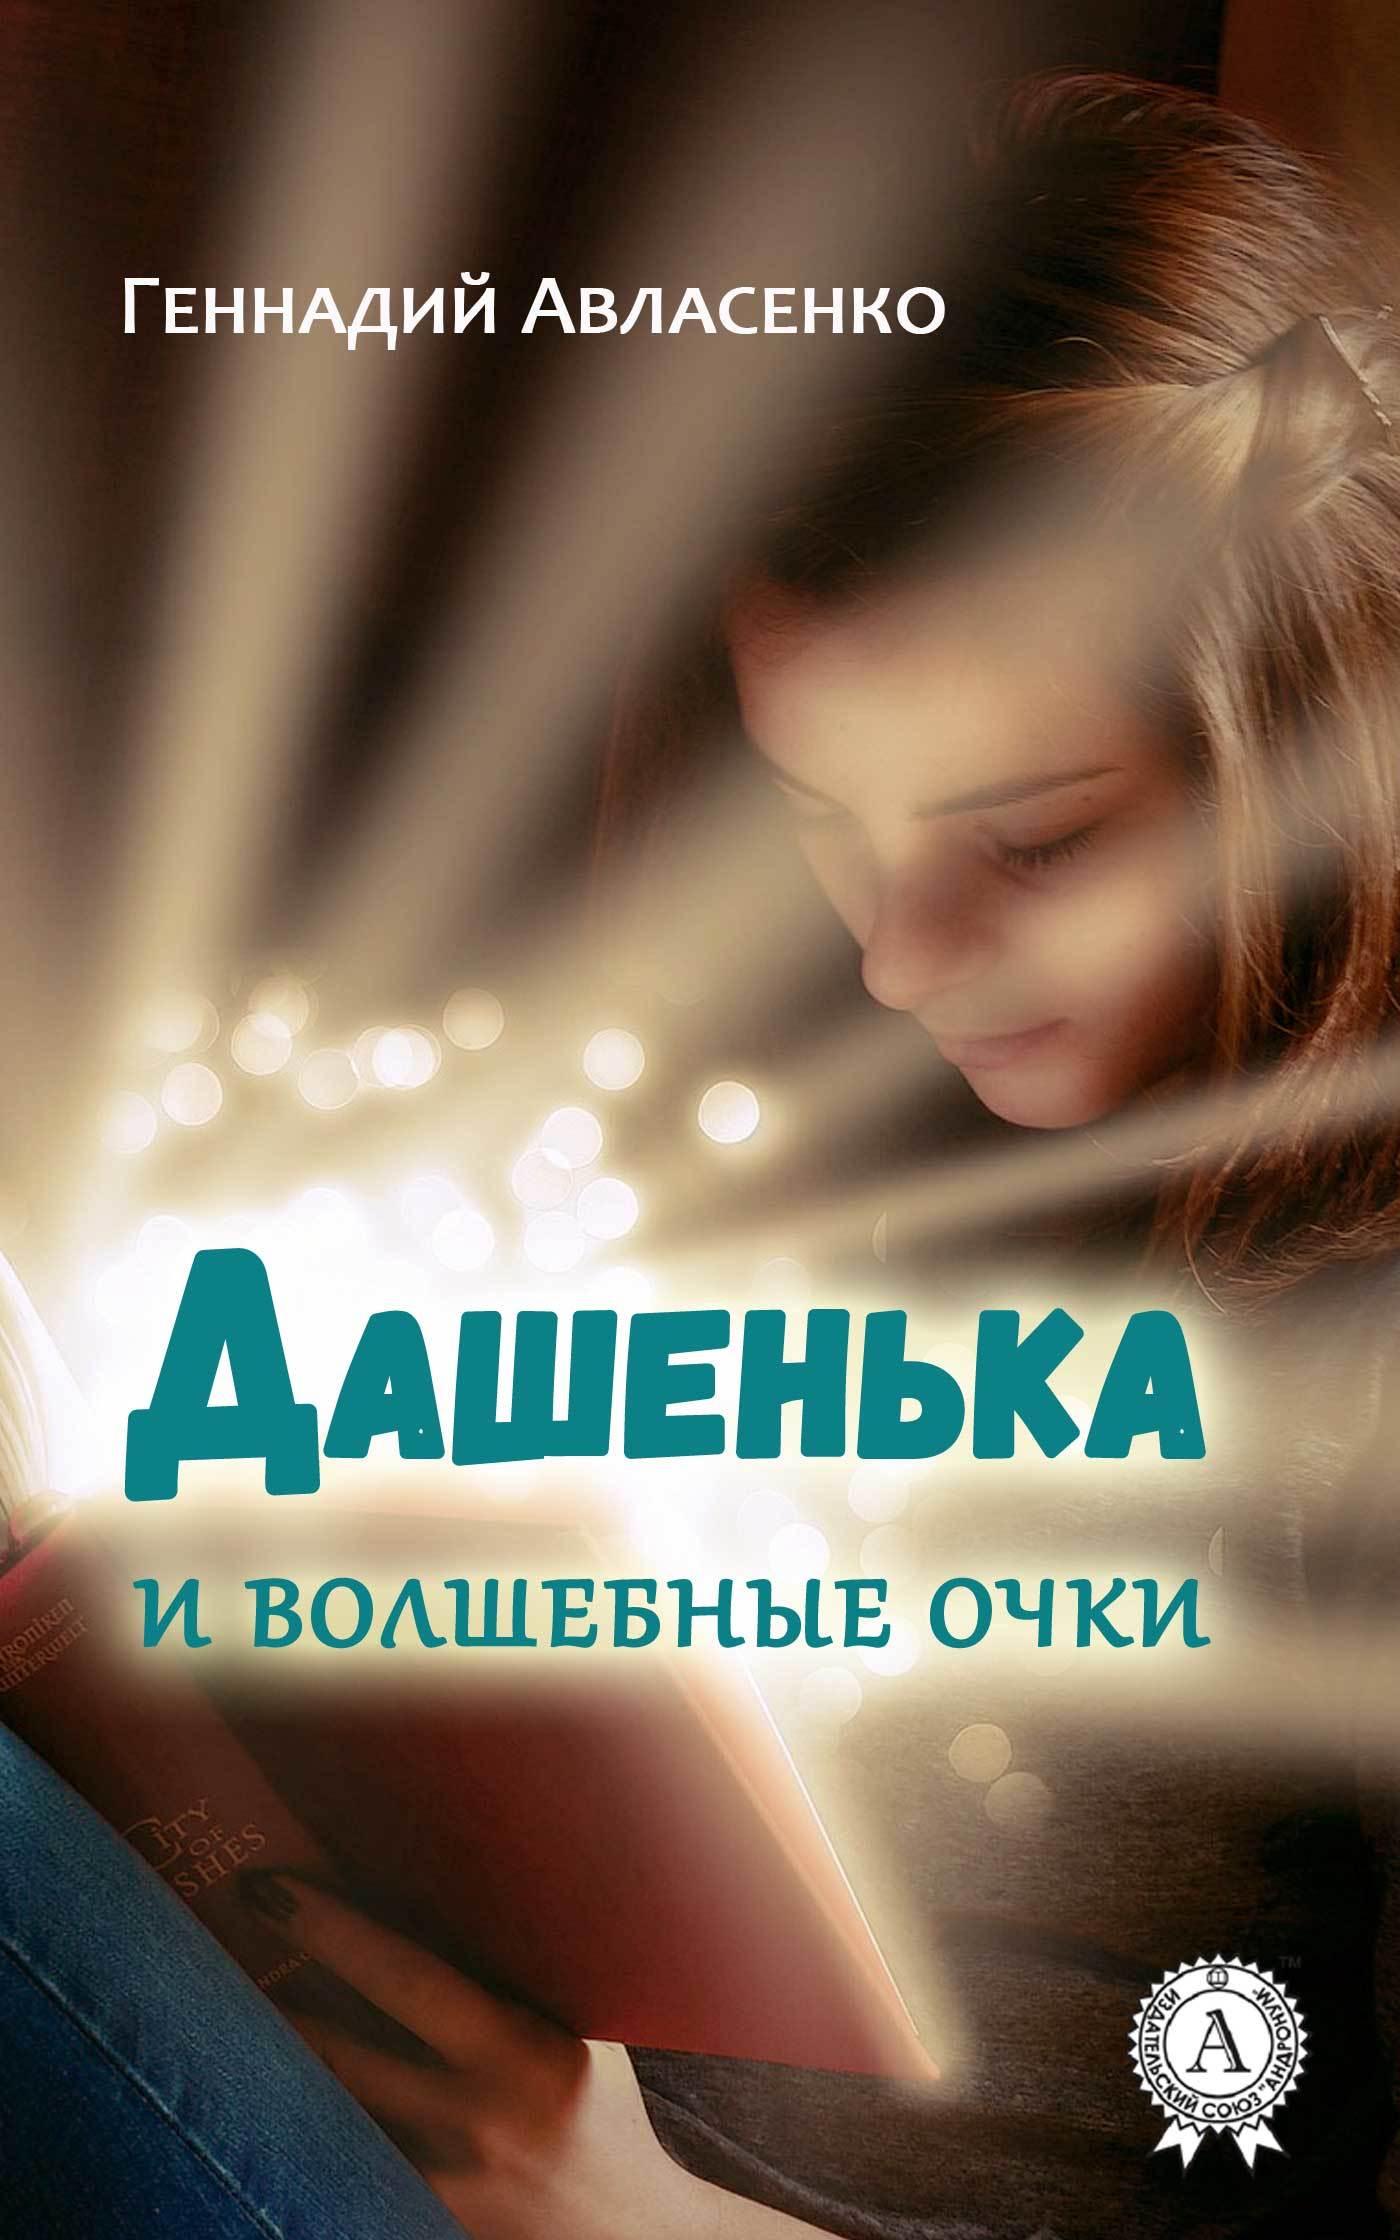 Фото - Геннадий Авласенко Дашенька и волшебные очки геннадий авласенко птичьи разговоры